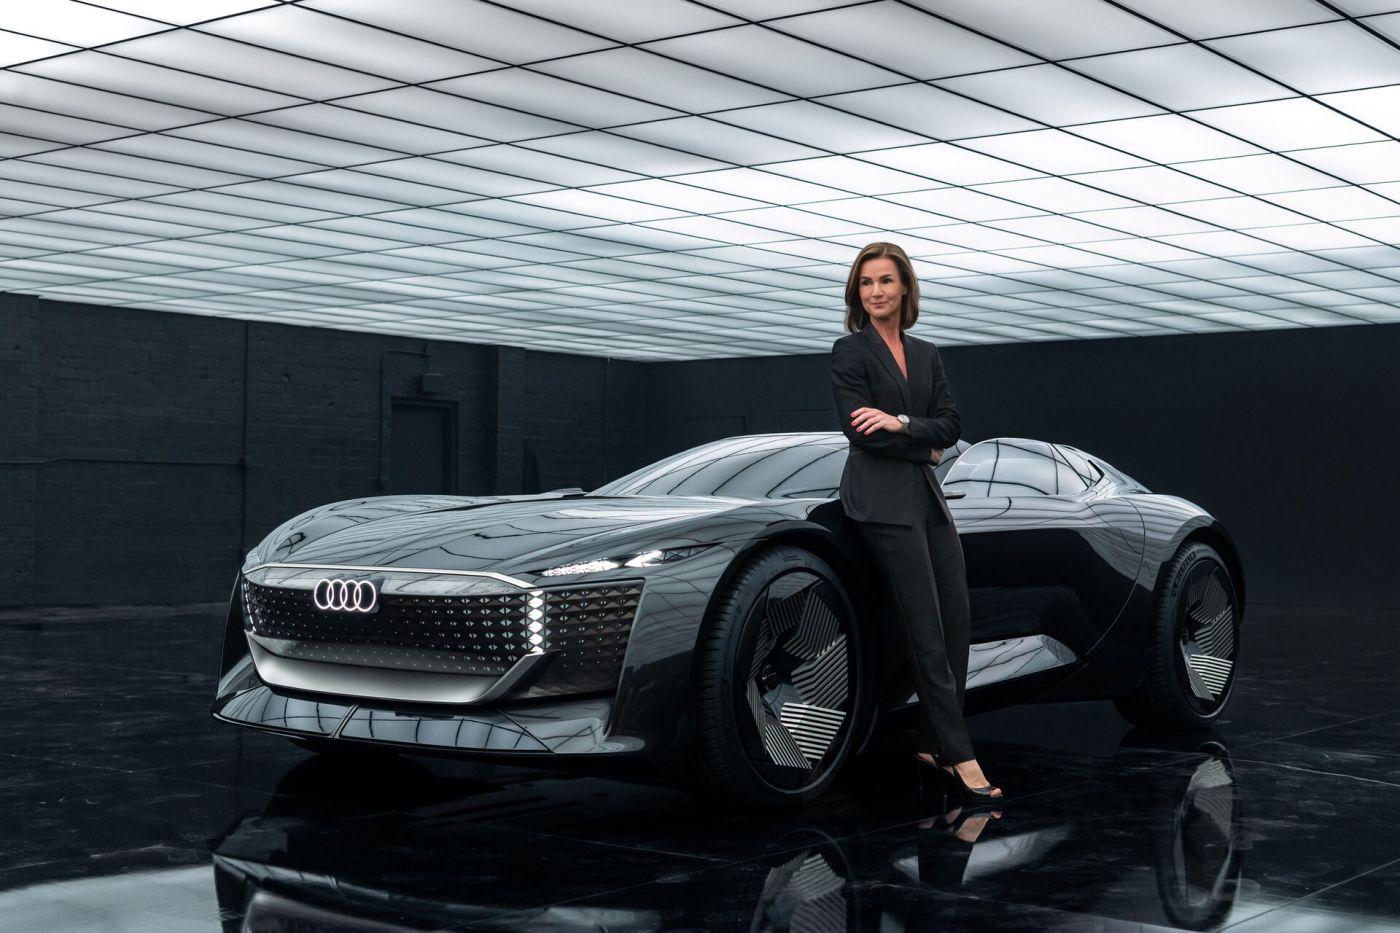 Hildegard Wortmann steht in einer Halle und lehnt an einem Wagen von AUDI (Foto: AUDI AG)